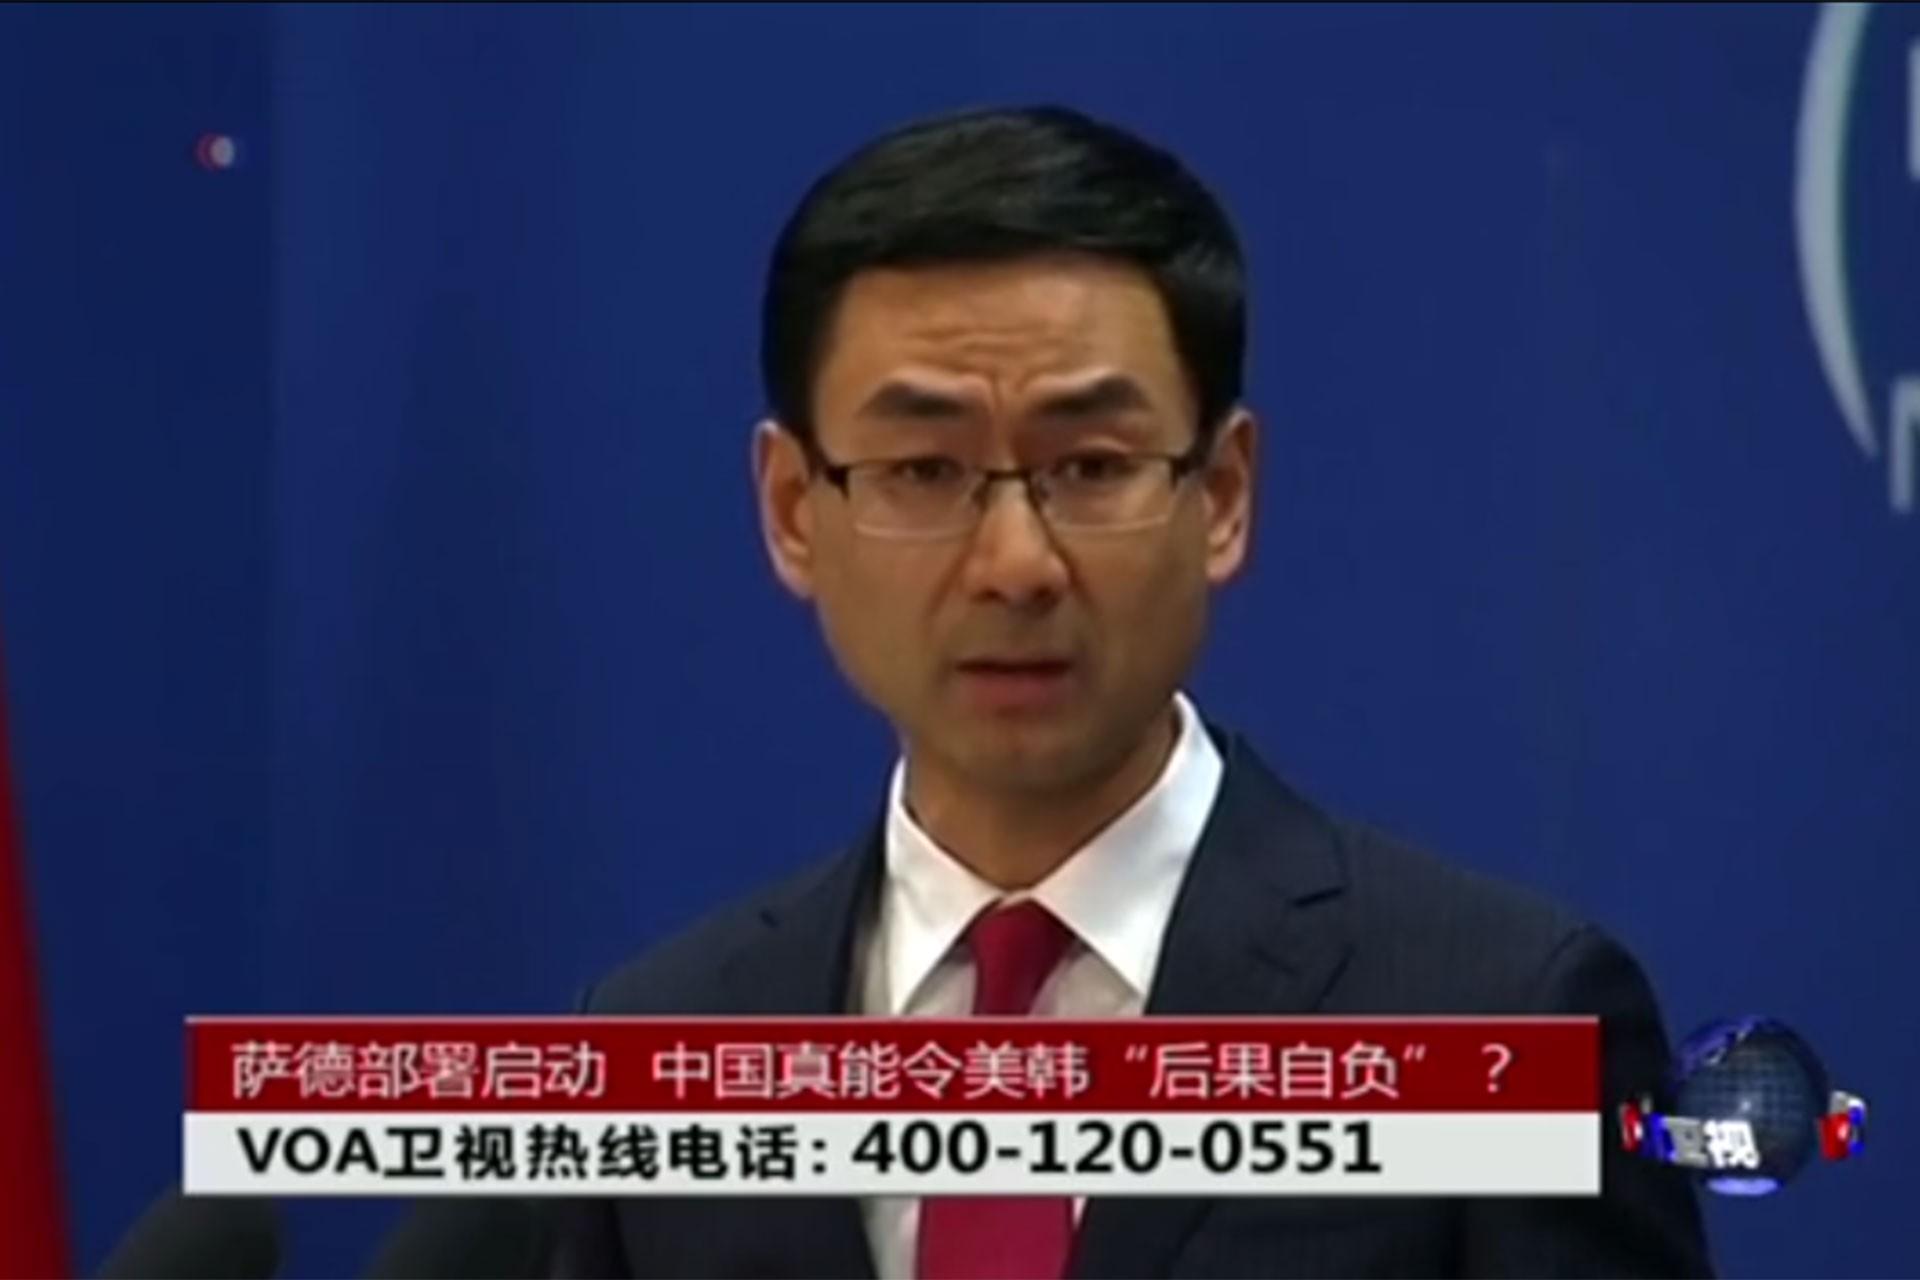 Çin'den Türkiye'ye 'operasyonu durdurun' çağrısı